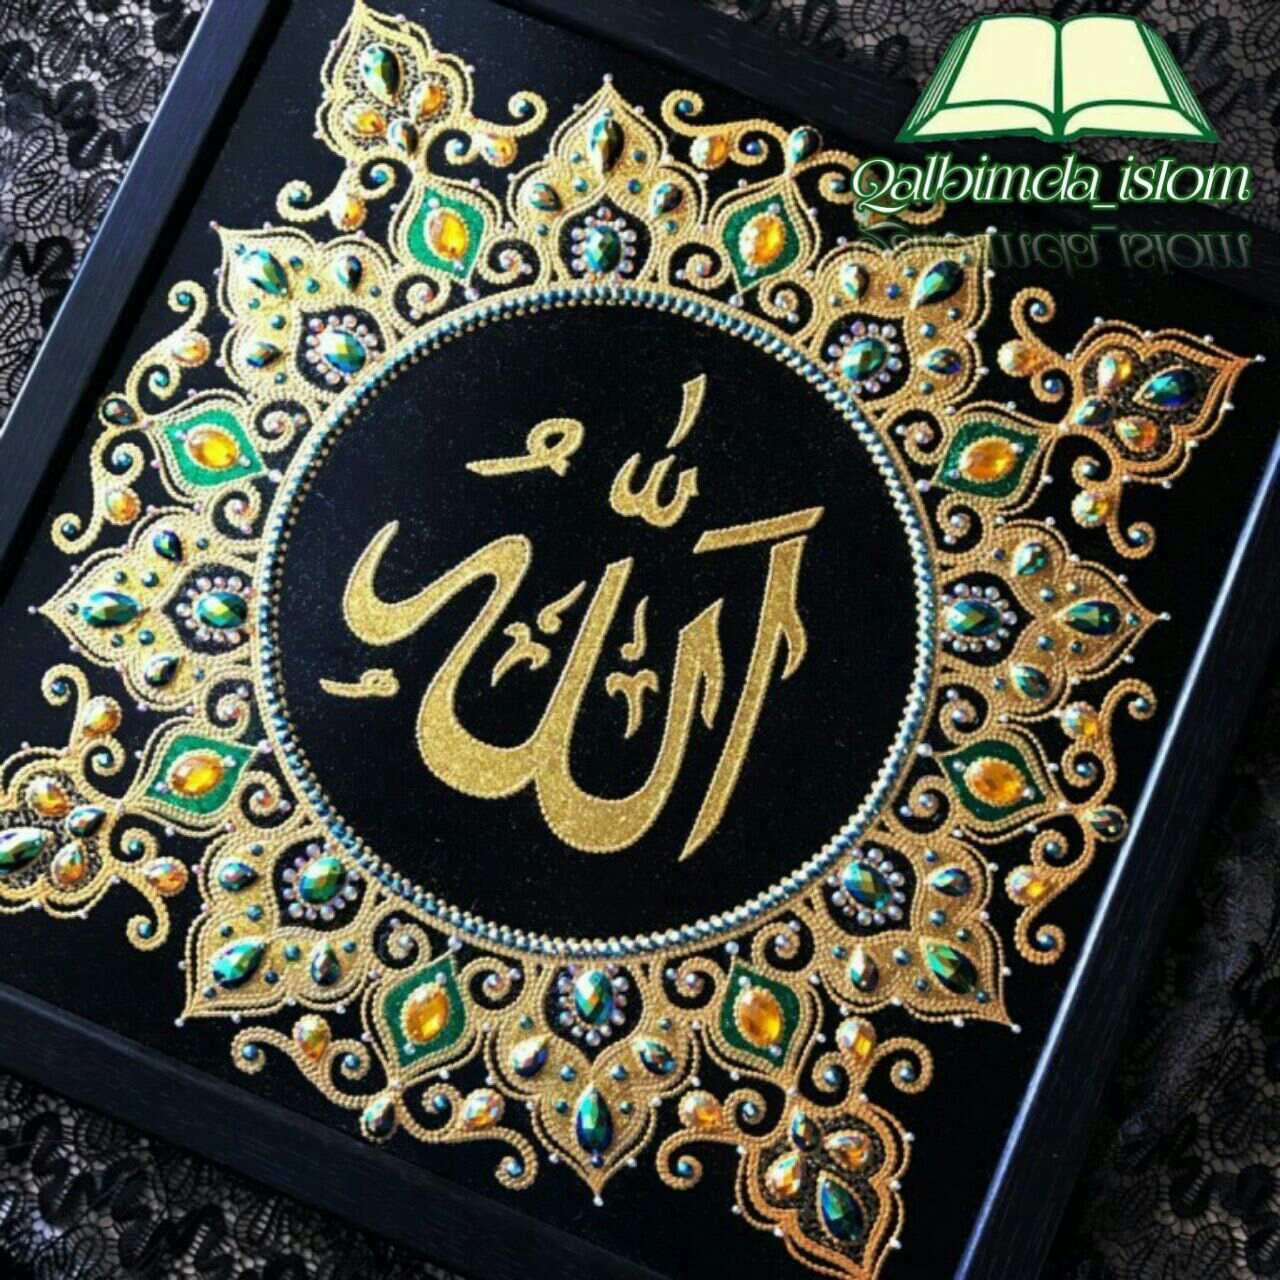 Того, мусульманские картинки аллах с надписью